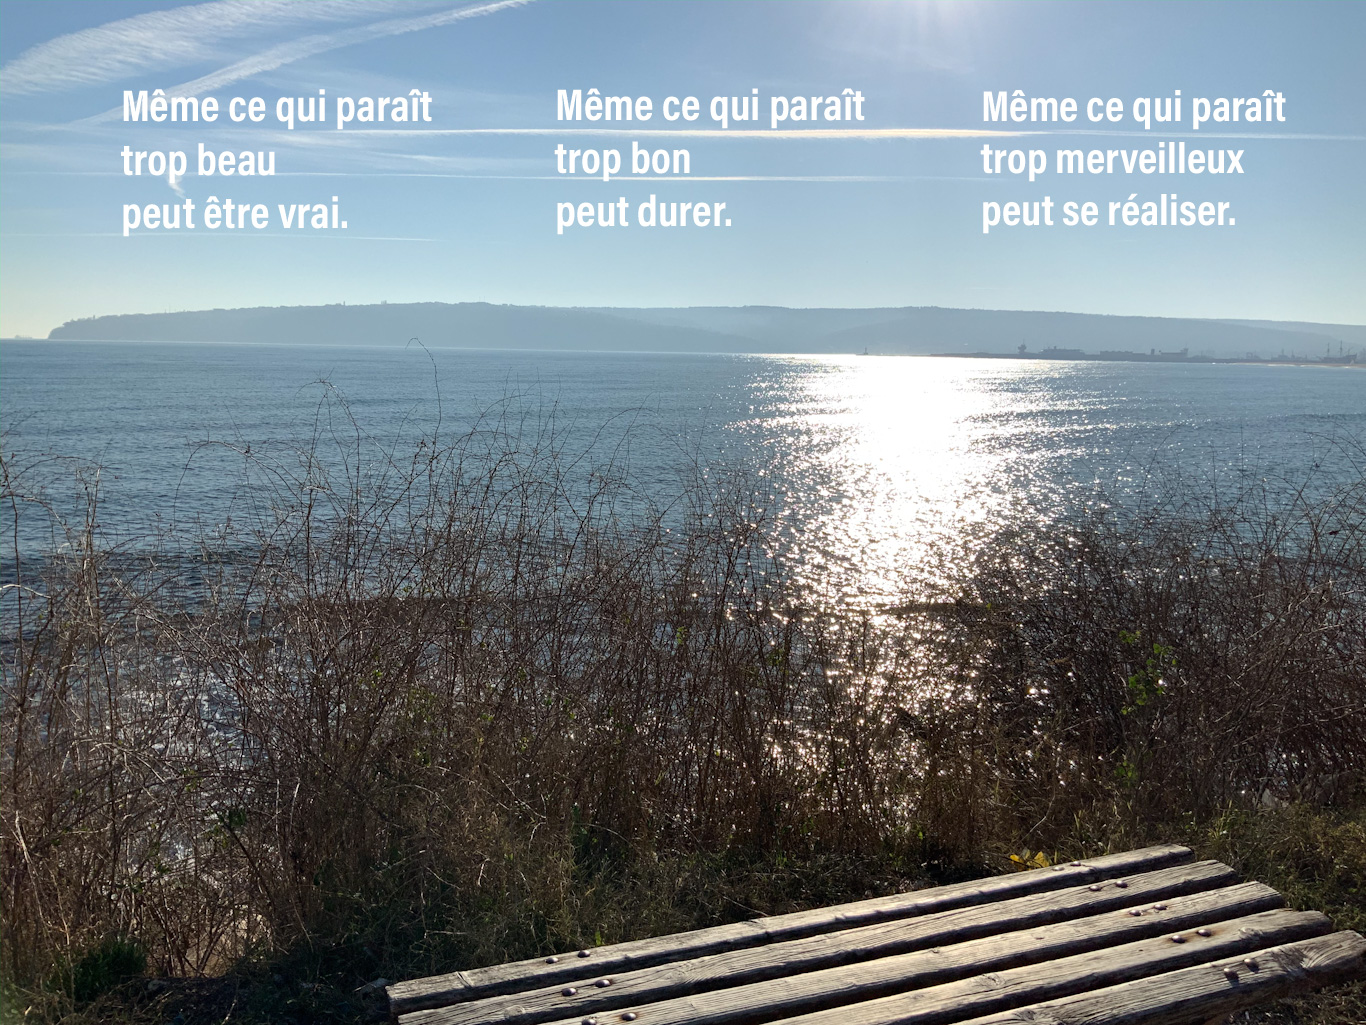 Vue sur la mer Noire, reflets du soleil sur les eaux